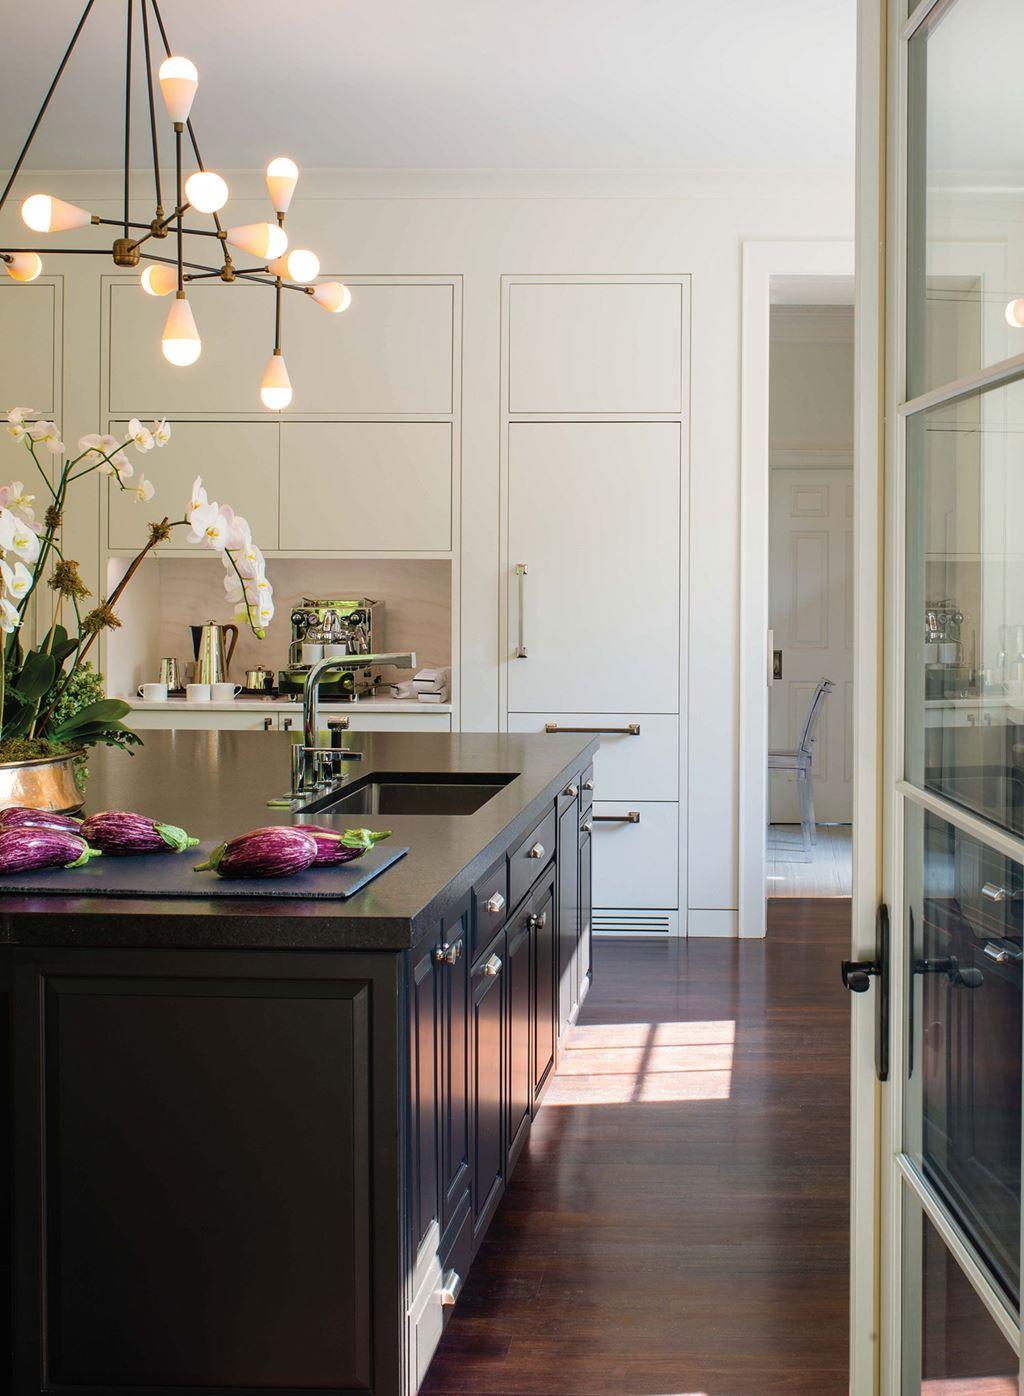 sarafblondie   Kitchens   Pinterest   Villa kunterbunt, Villa und Küche